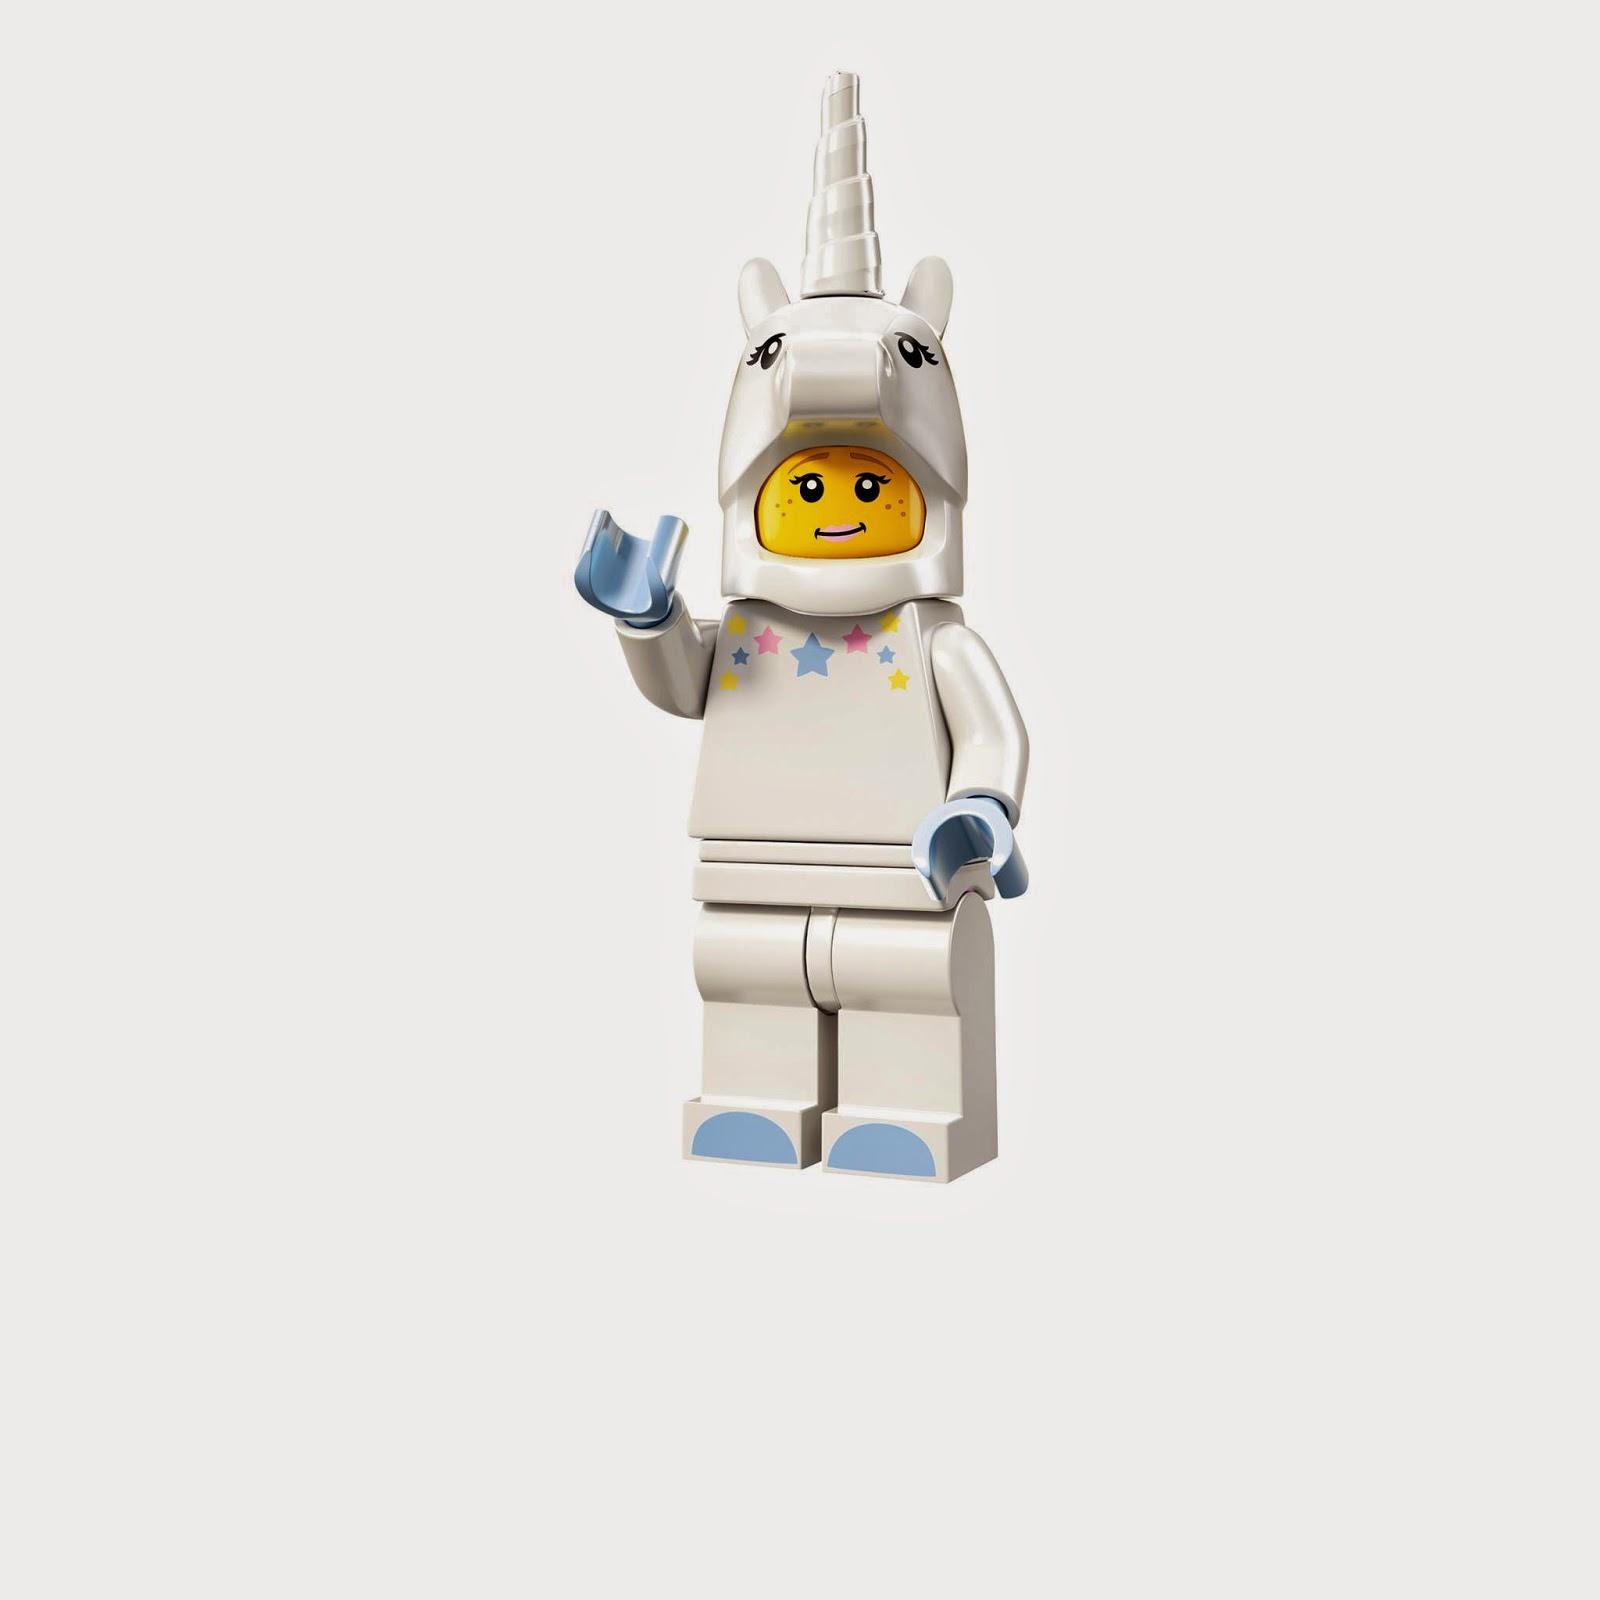 lego minifigures series 13 - photo #24